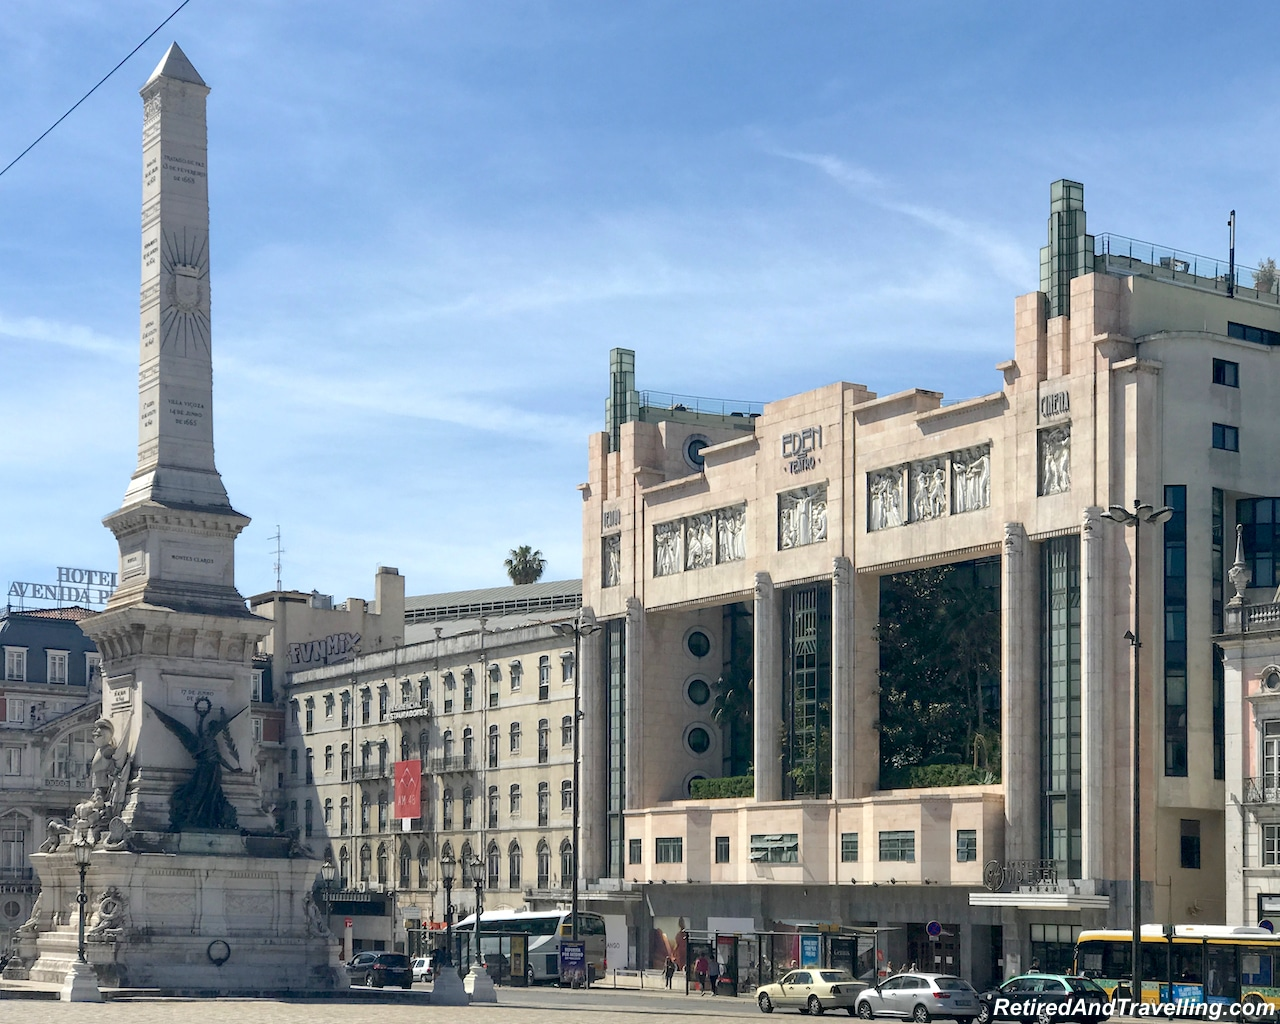 Eden Teatro - Rossio Square - Walking in Lisbon Down The Avenida da Liberdade.jpg